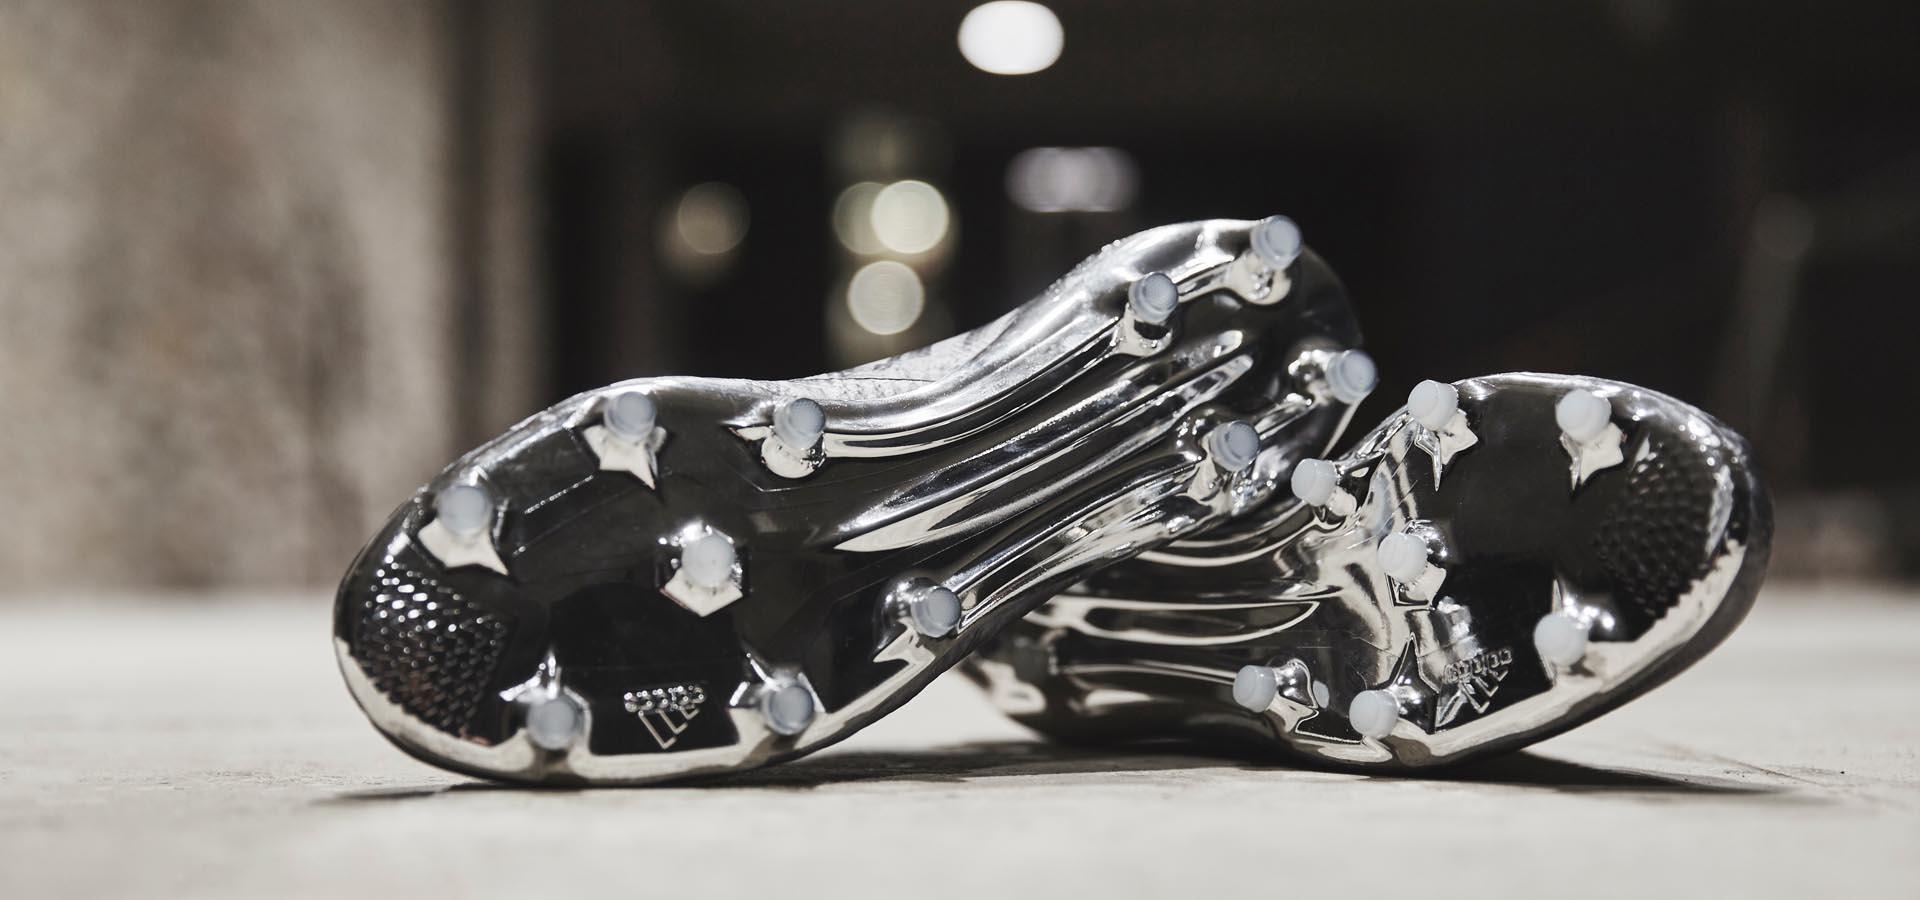 silver-ace-7.jpg